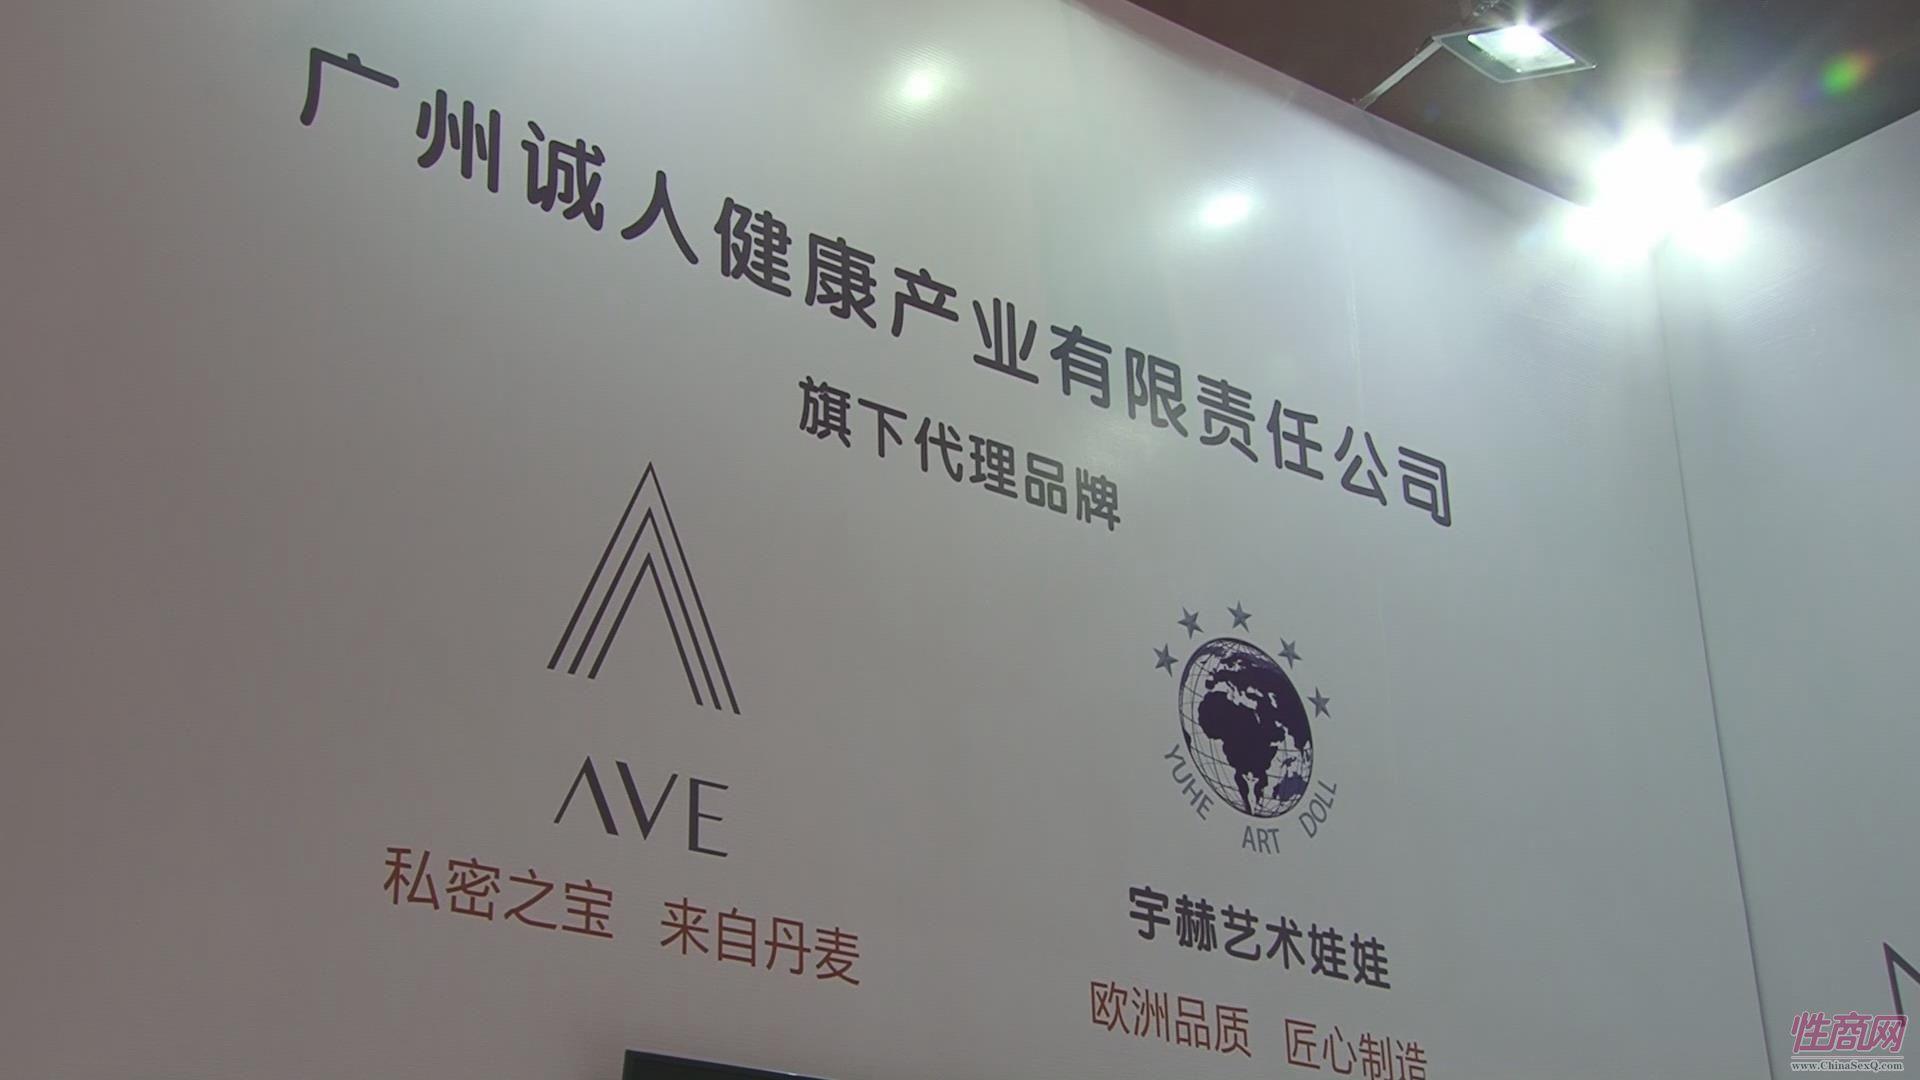 广州诚人健康产业公司展台